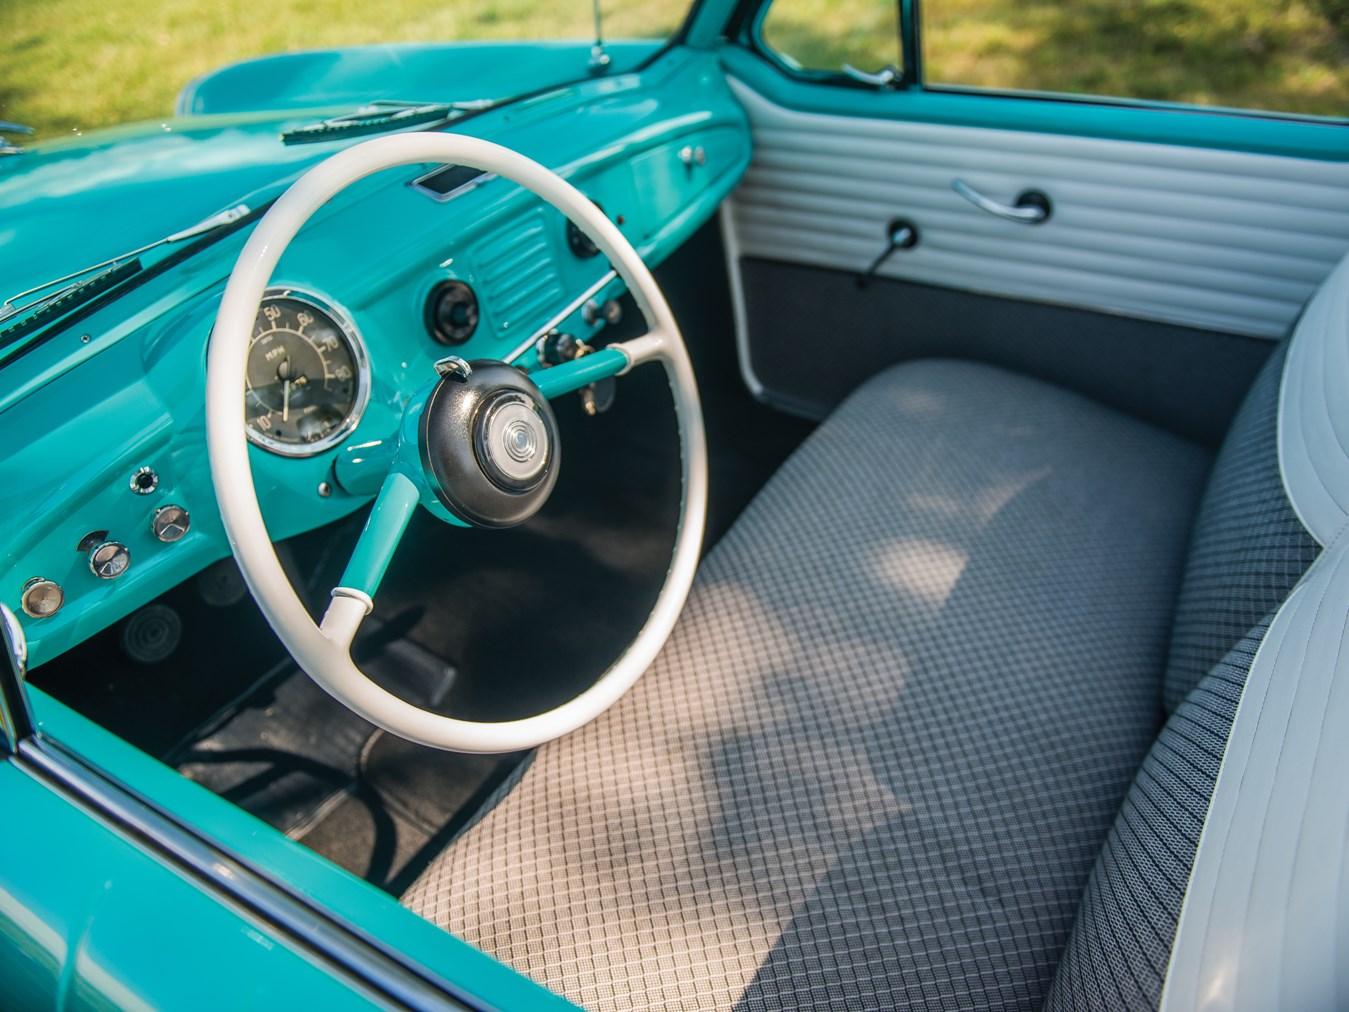 1961 AMC Metropolitan 1500 Convertible interior